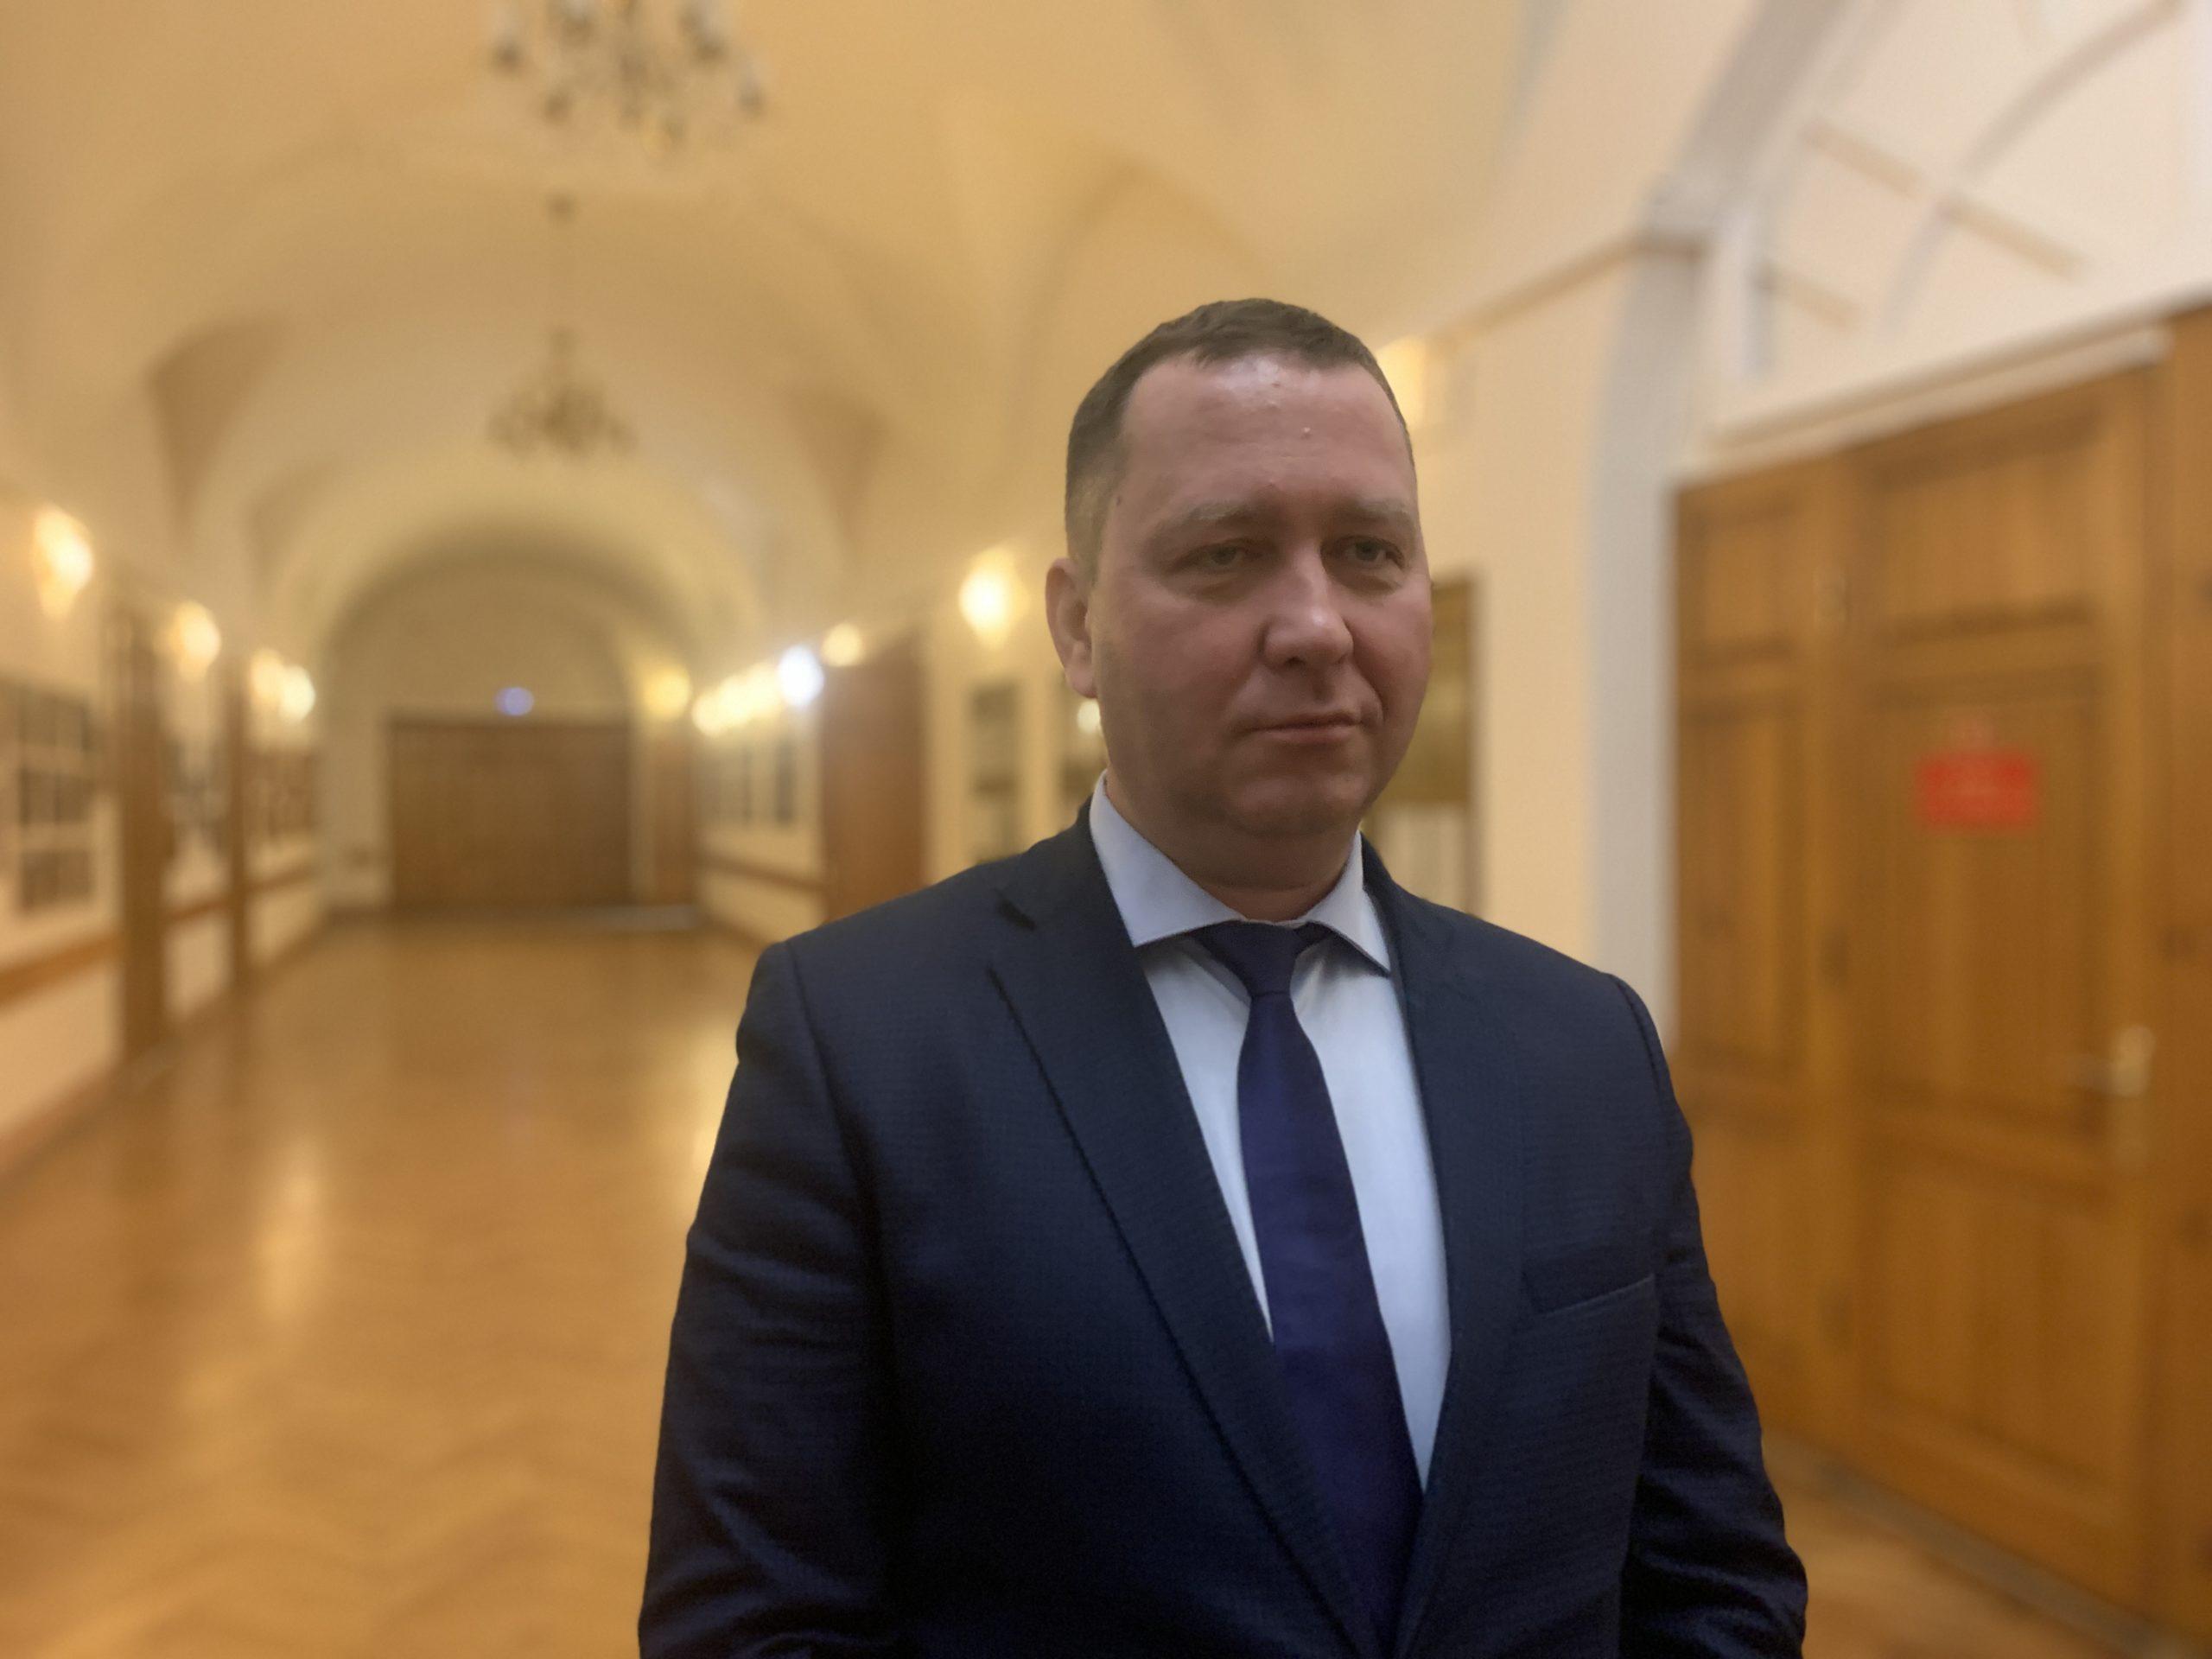 Николай Баженов: Президент понимает всю глубину проблем